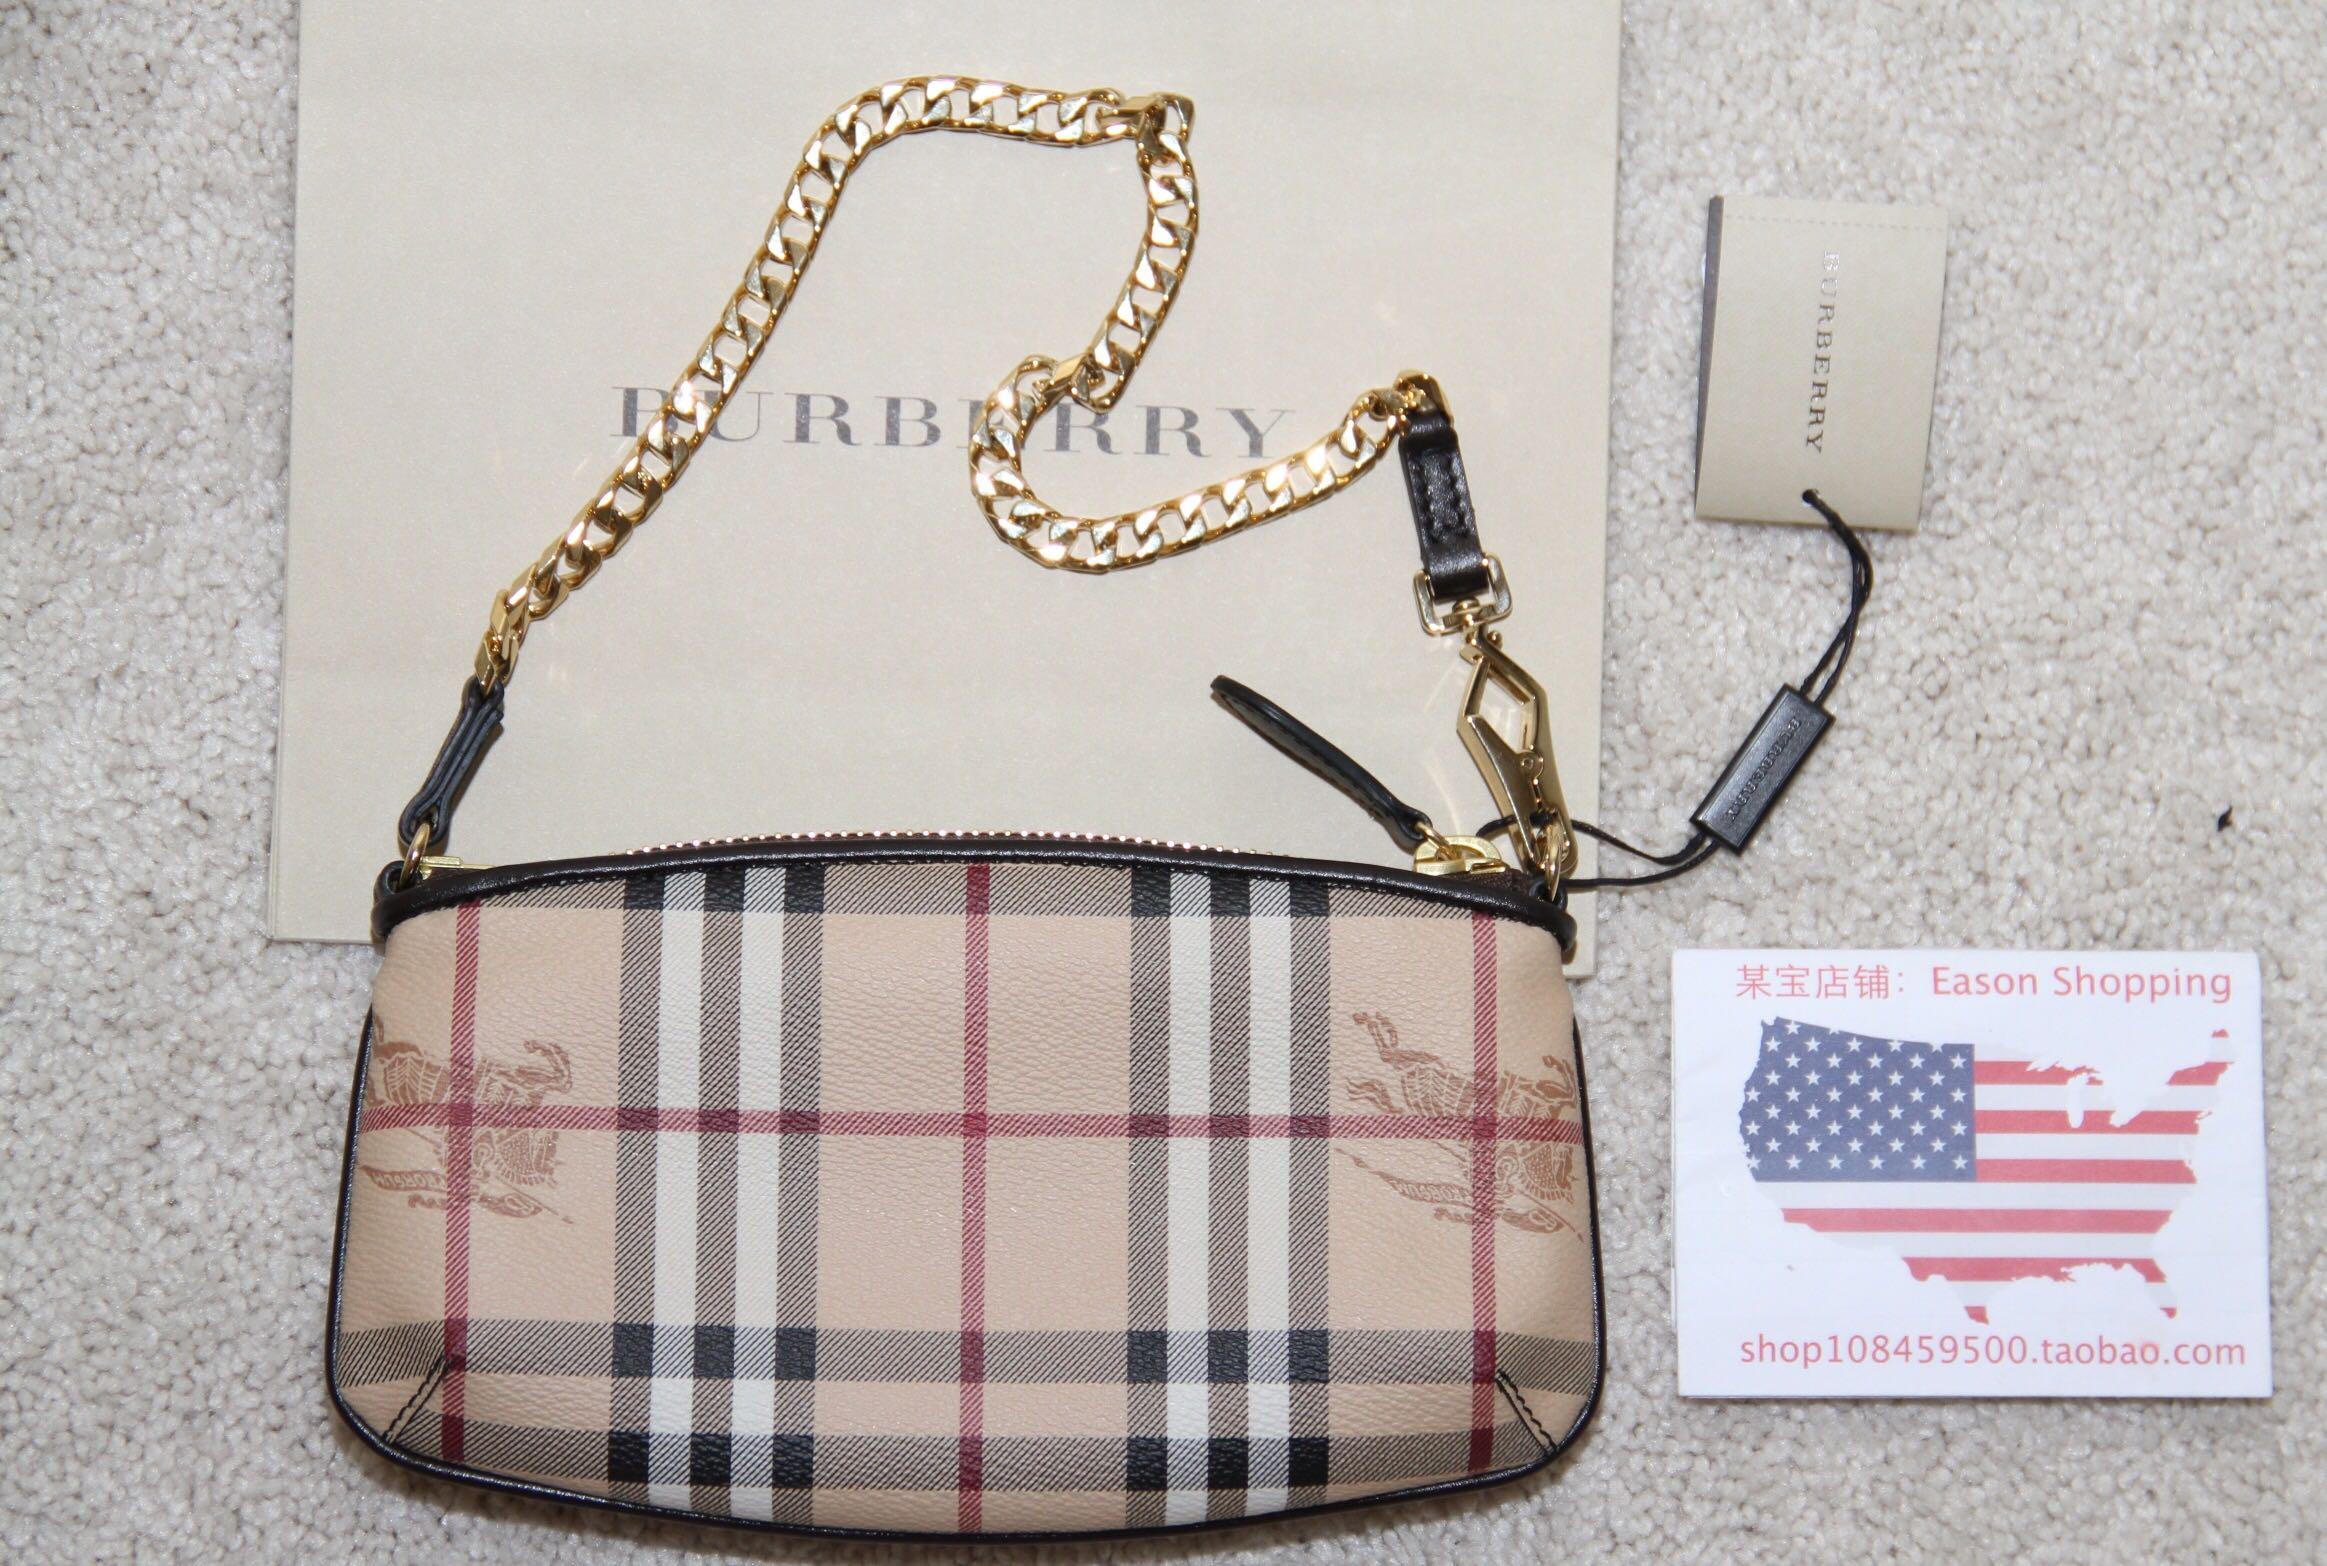 Сумка Burberry 3882027 burberry сумка для мам